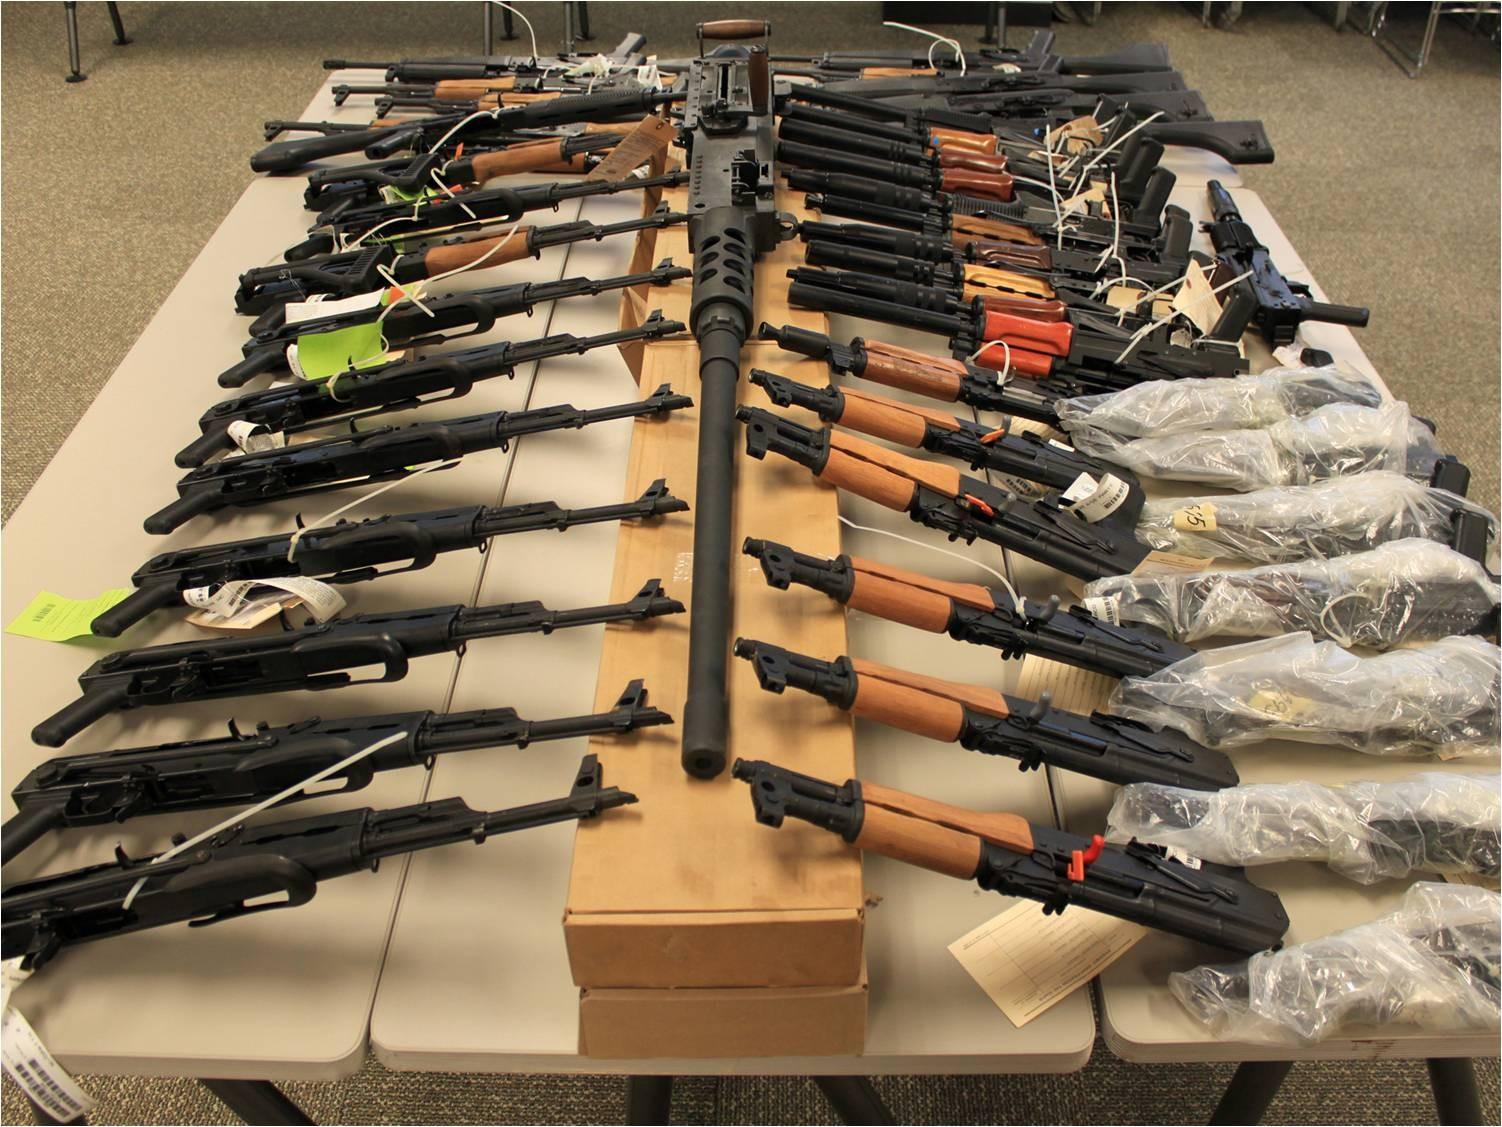 ВИспании найдено нелегальное оружие насумму около 10 млн евро